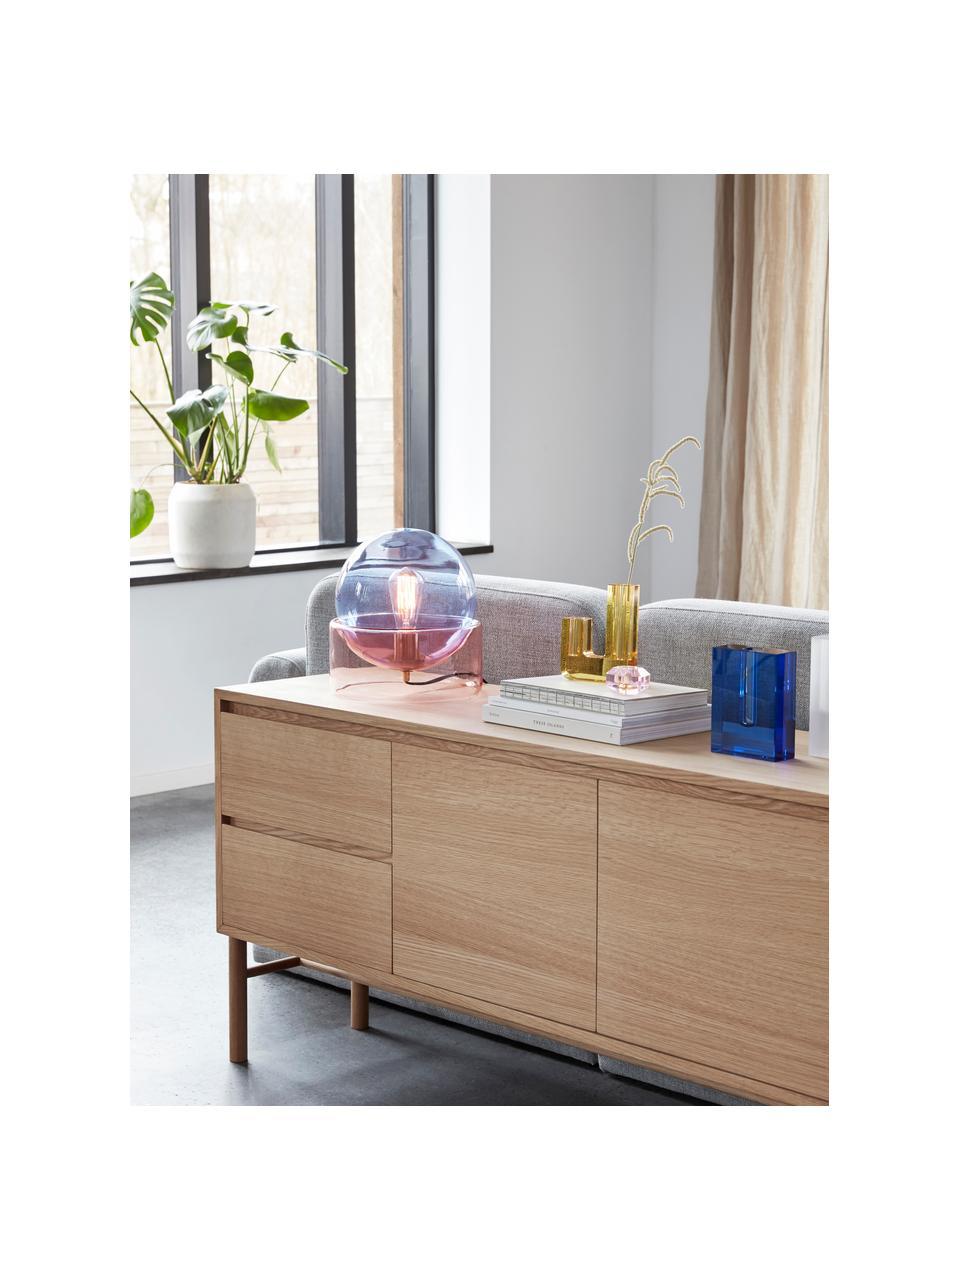 Lampada da tavolo in vetro colorato Glondy, Paralume: vetro, Base della lampada: vetro, Blu, rosa, Ø 27 x Alt. 29 cm